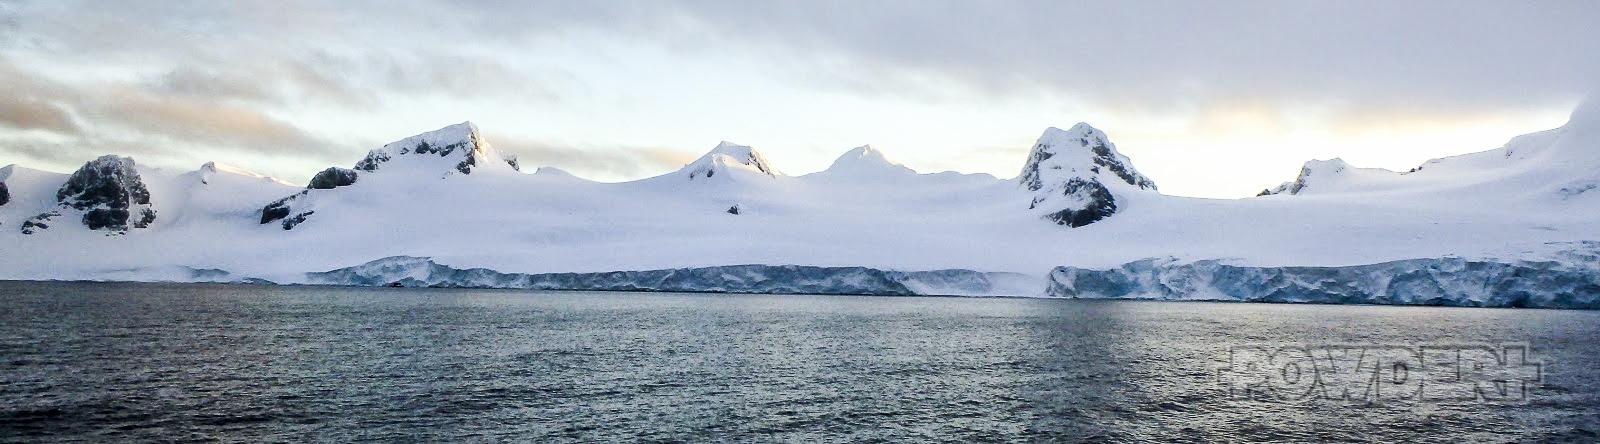 Antarktis, Antarctica, Ski, Skiing, Skitour, Freeride, Südpol, Expedtion